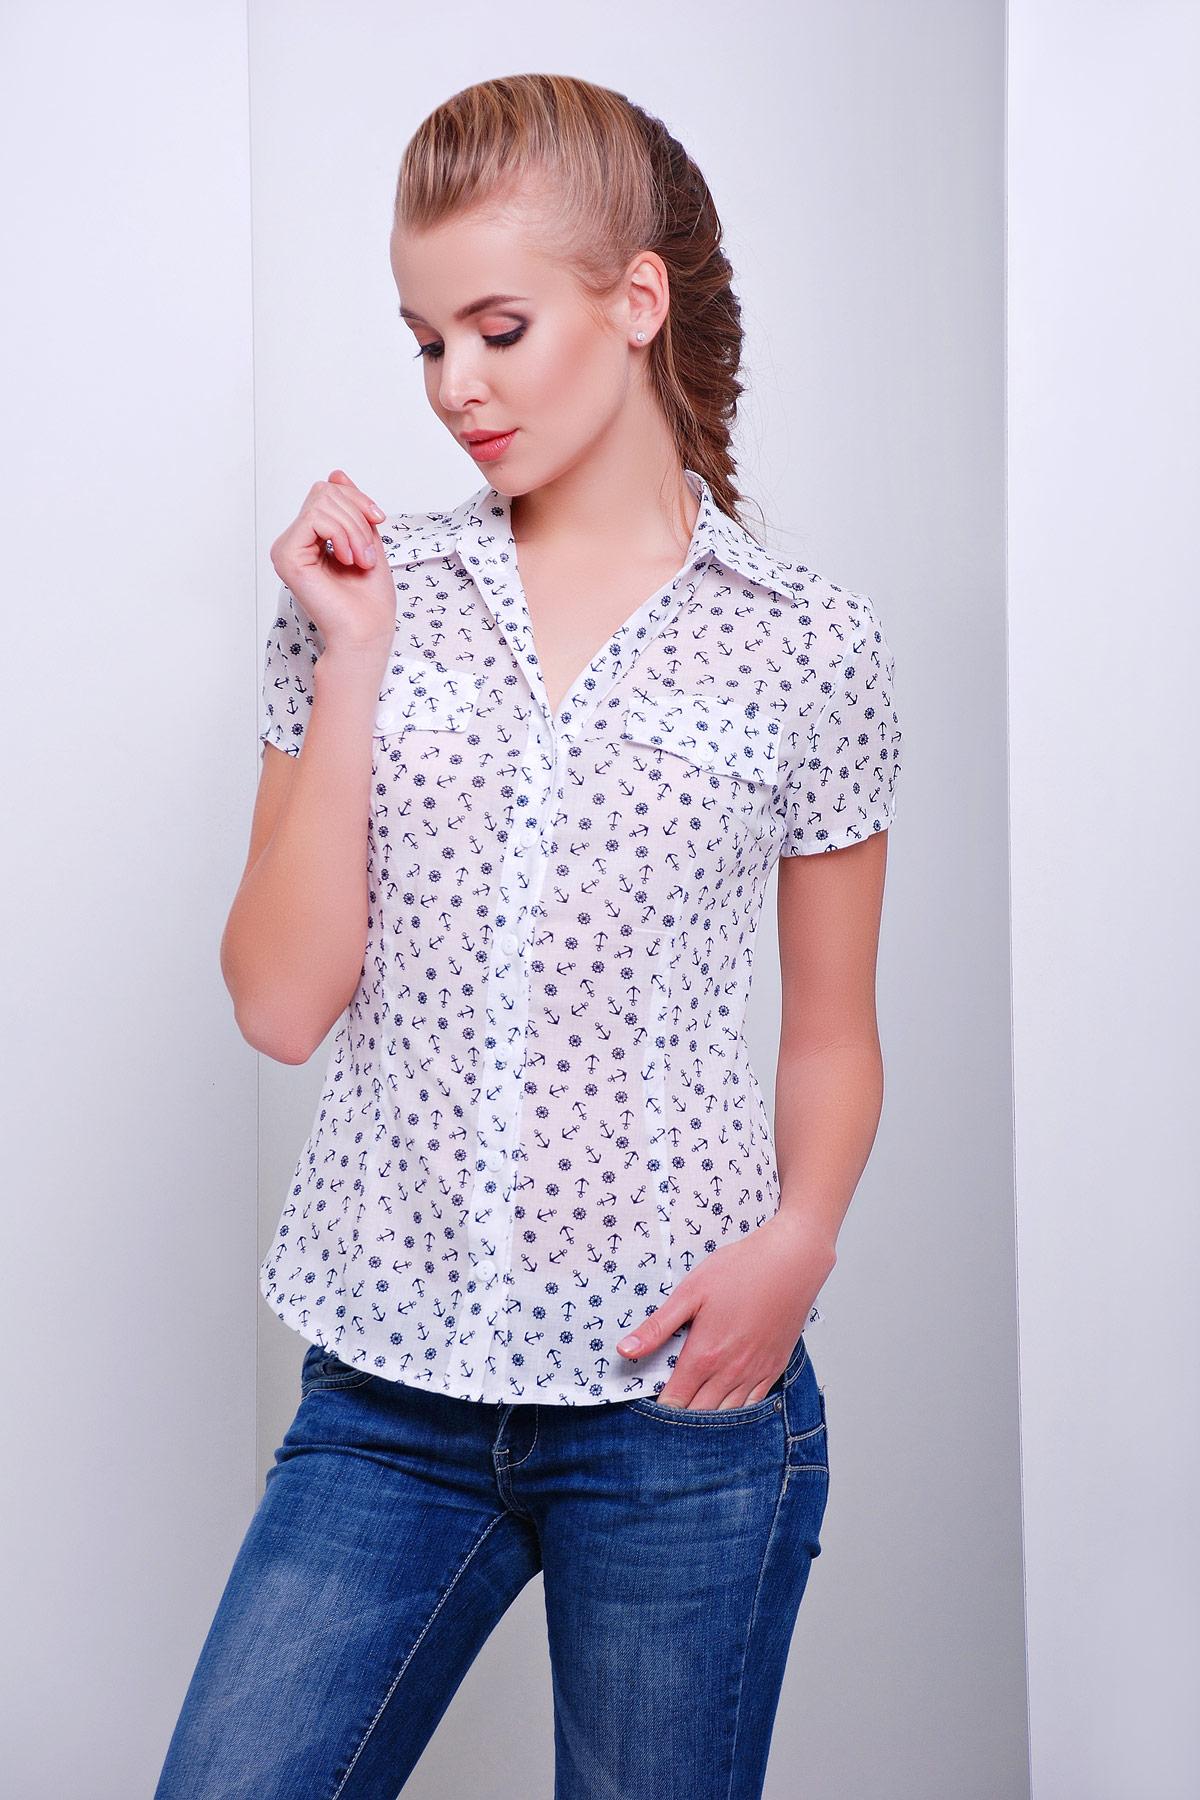 модные блузки весна лето 2019: с коротким рукавом белая в цветочек